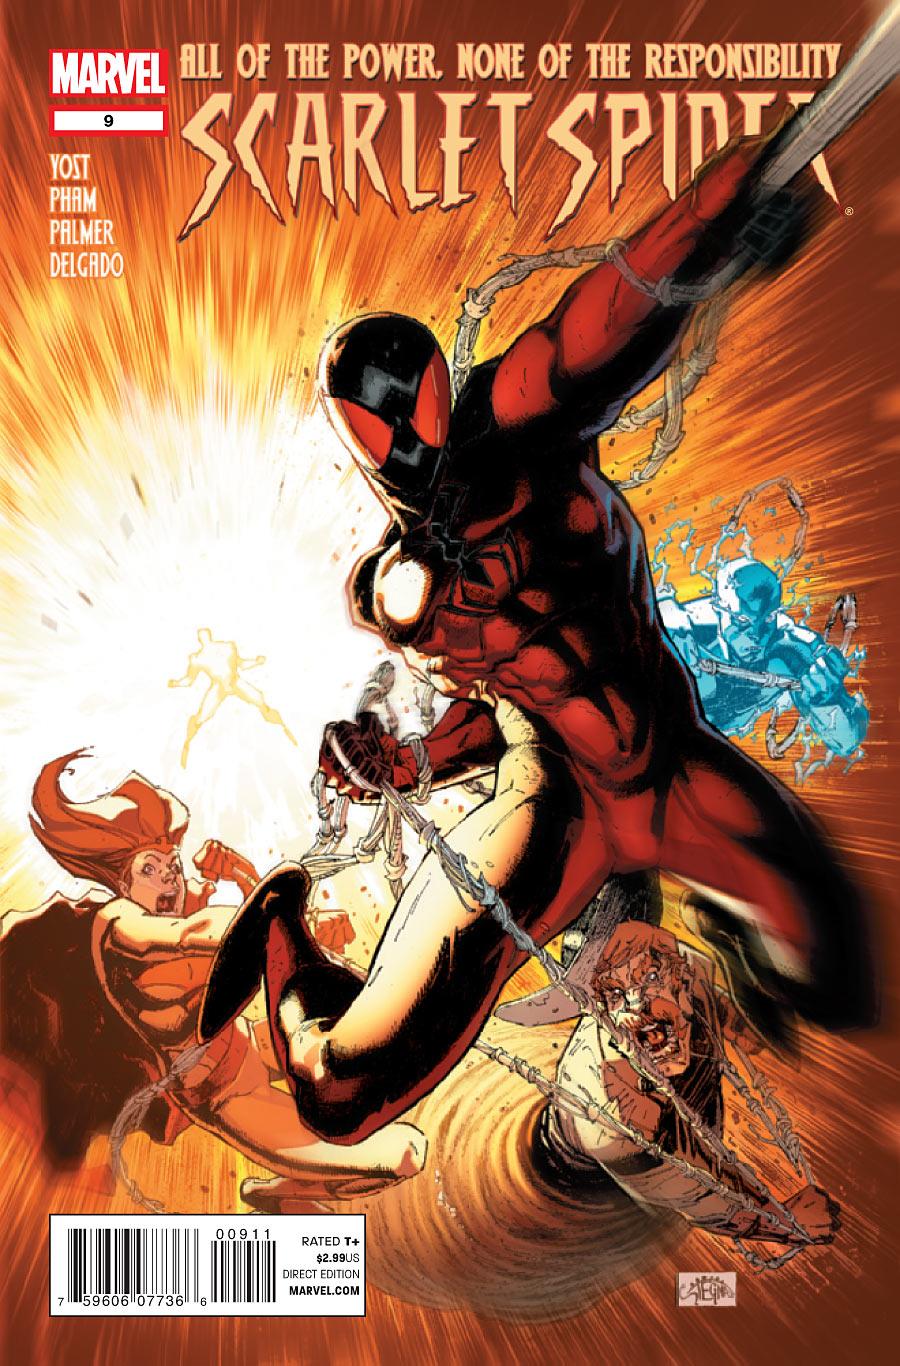 Scarlet Spider number 9